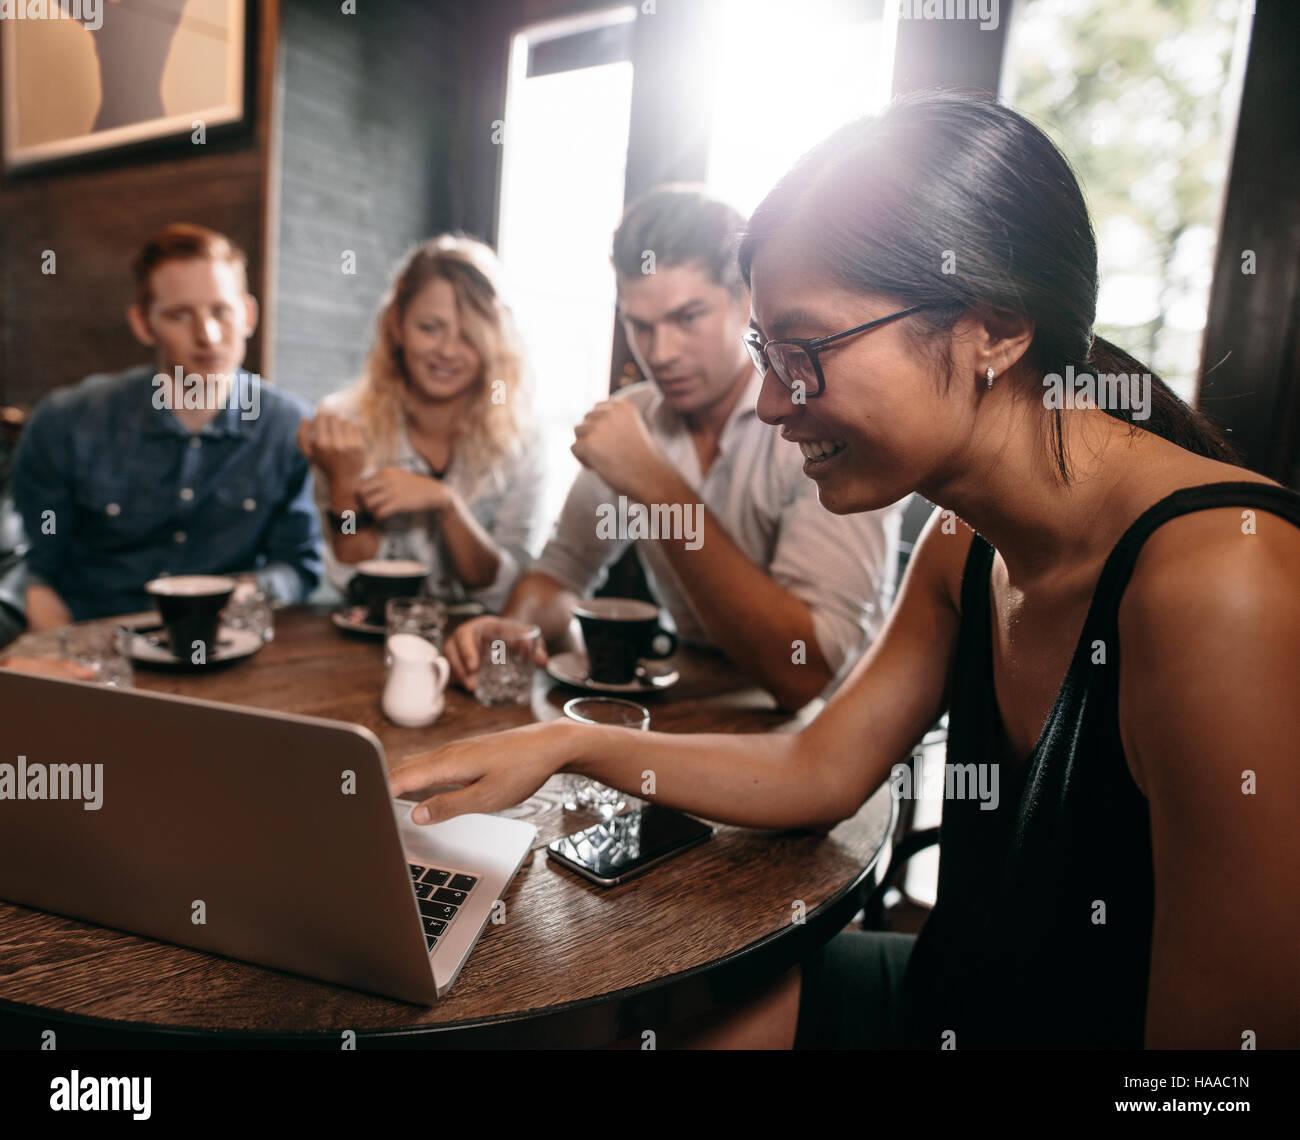 Gruppo di amici in cafe guardare qualcosa online su laptop. Giovani uomini e donne al ristorante guardando il laptop. Immagini Stock